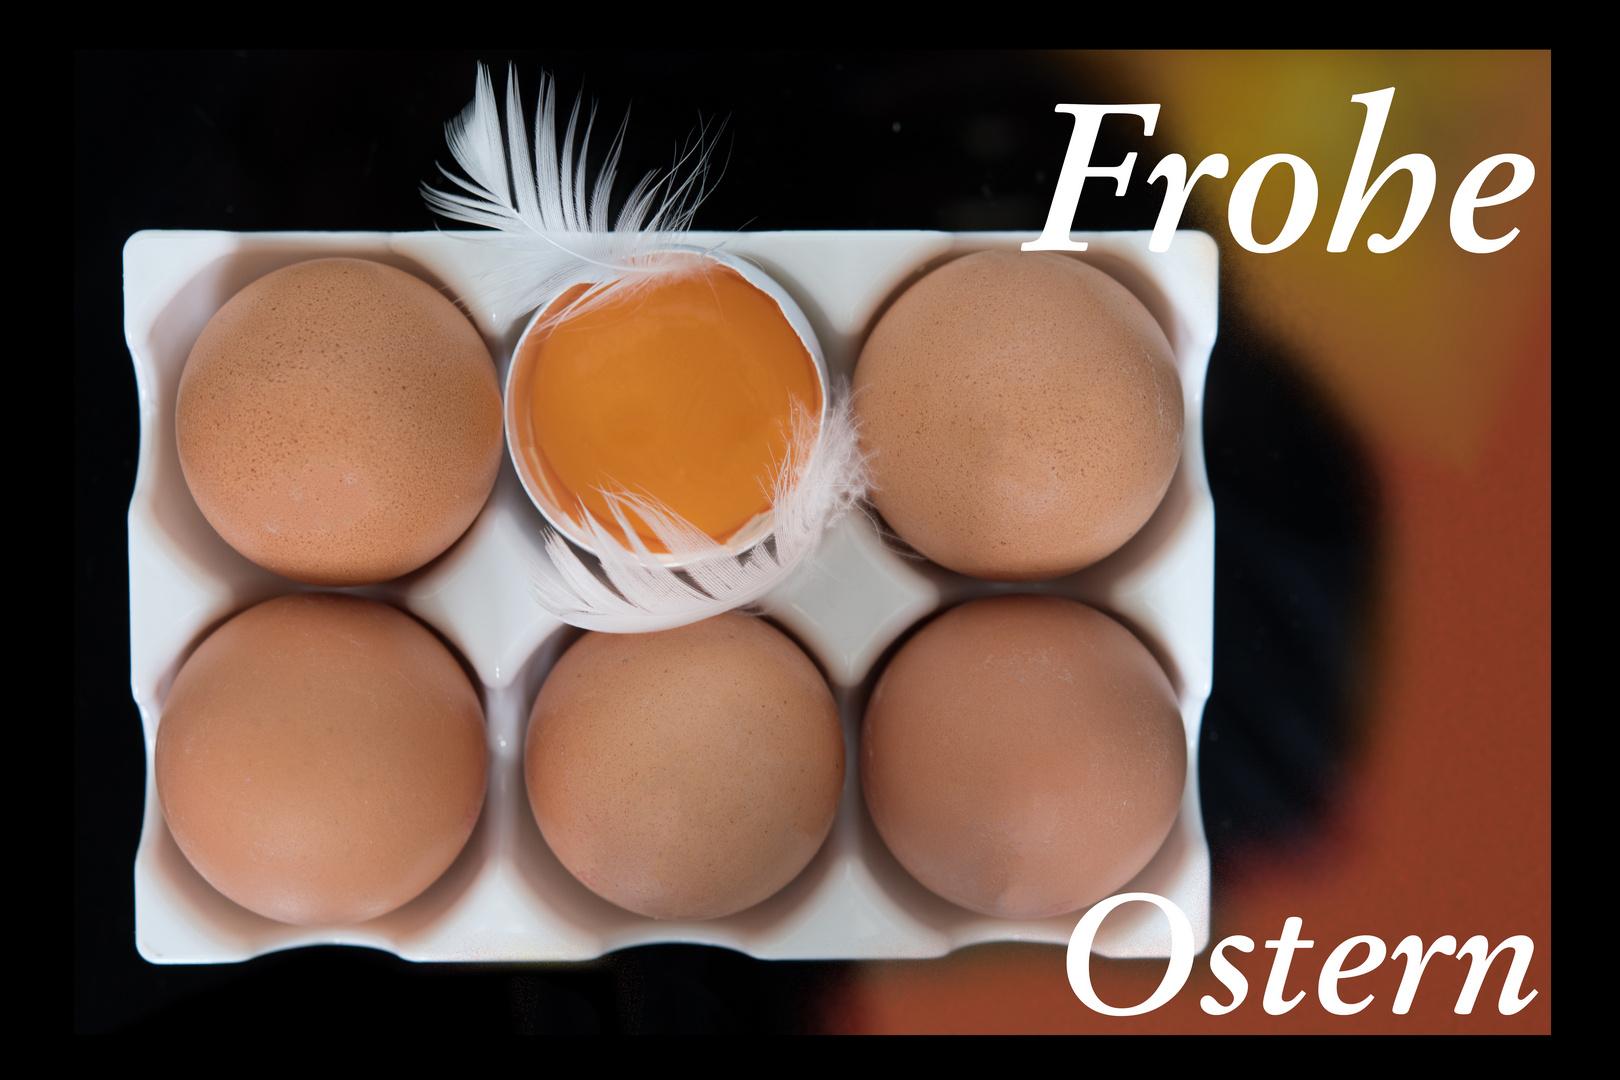 Ich wünsche euch allen ein schönes Osterfest